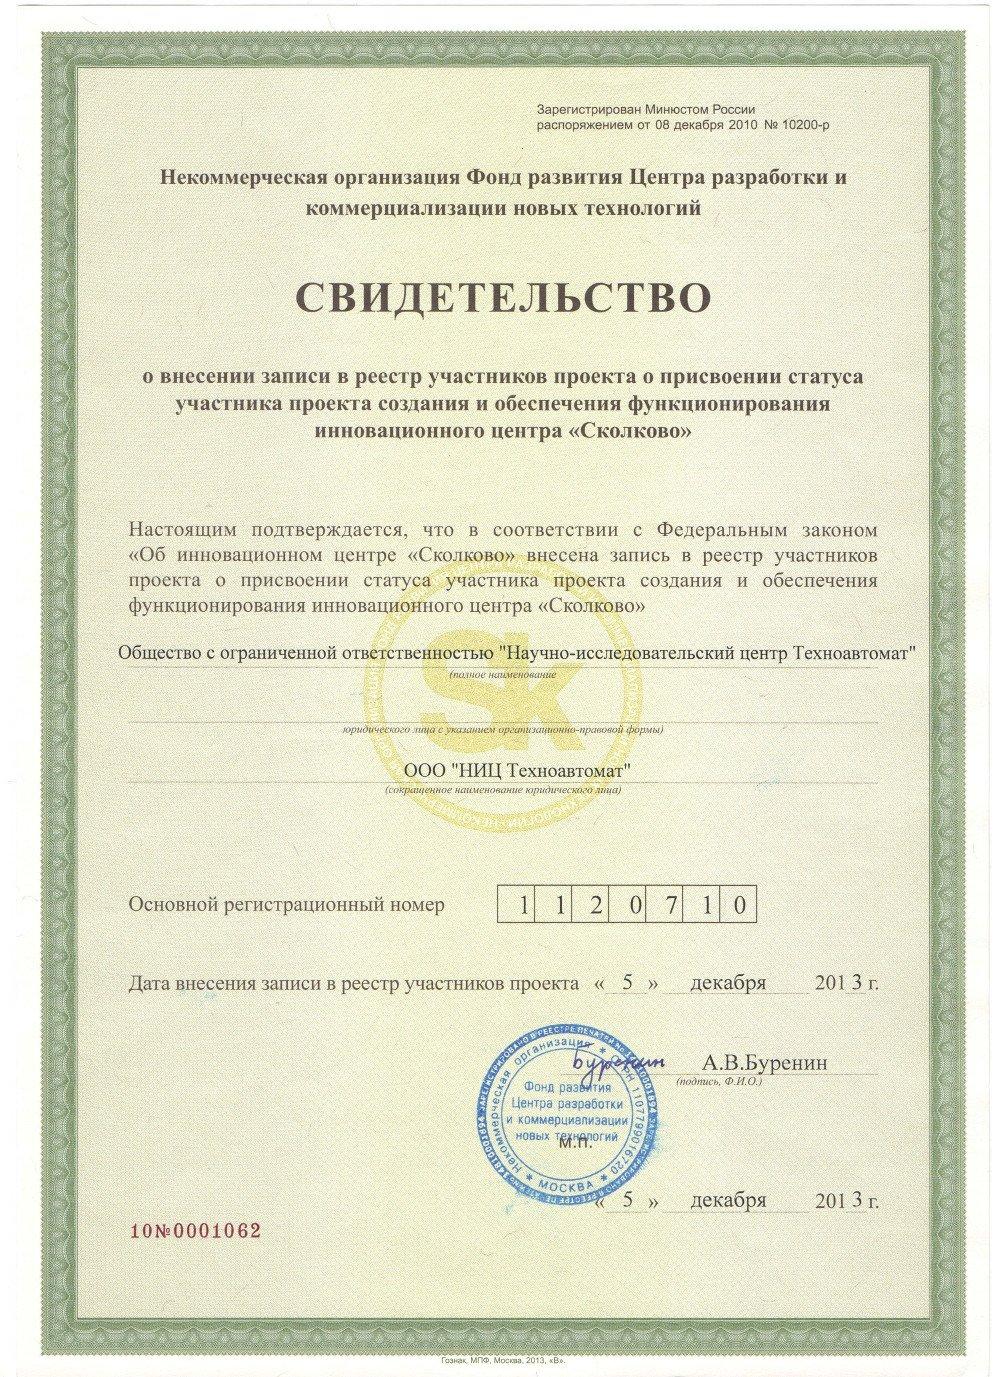 Документы подтверждающие статус участника проекта сколково